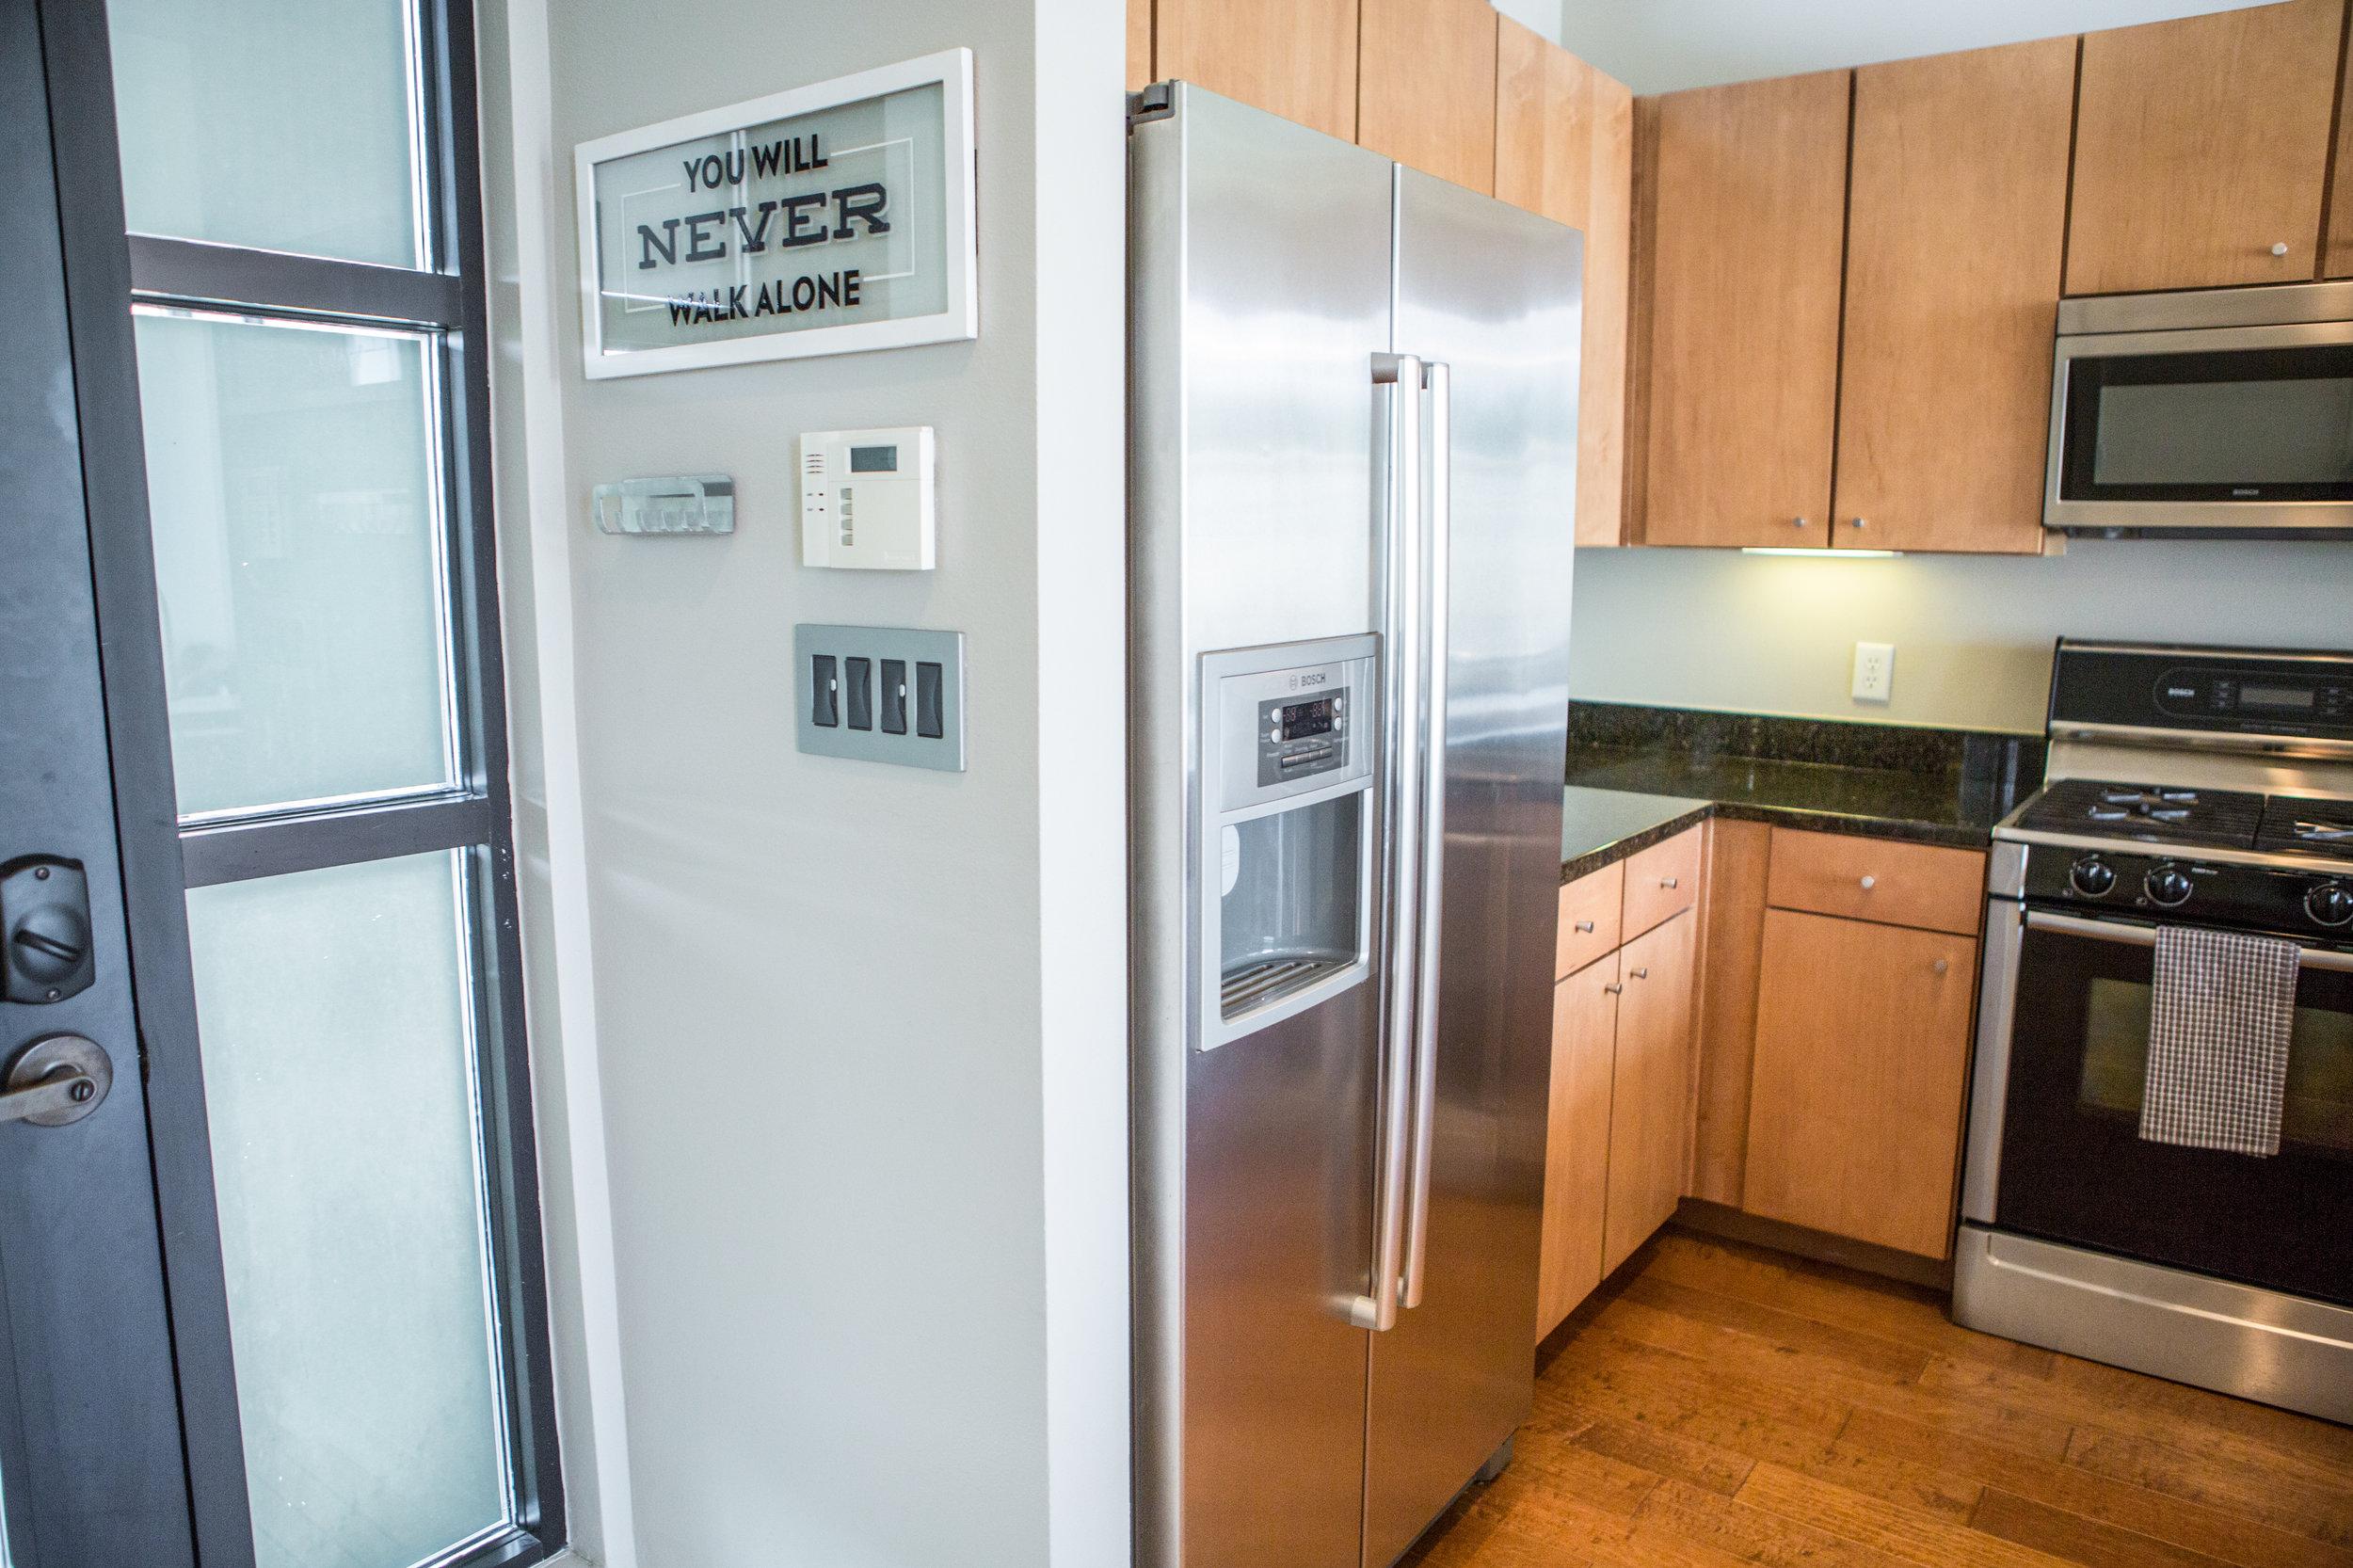 2525SLamar-WEB_53 - kitchen front door.jpg